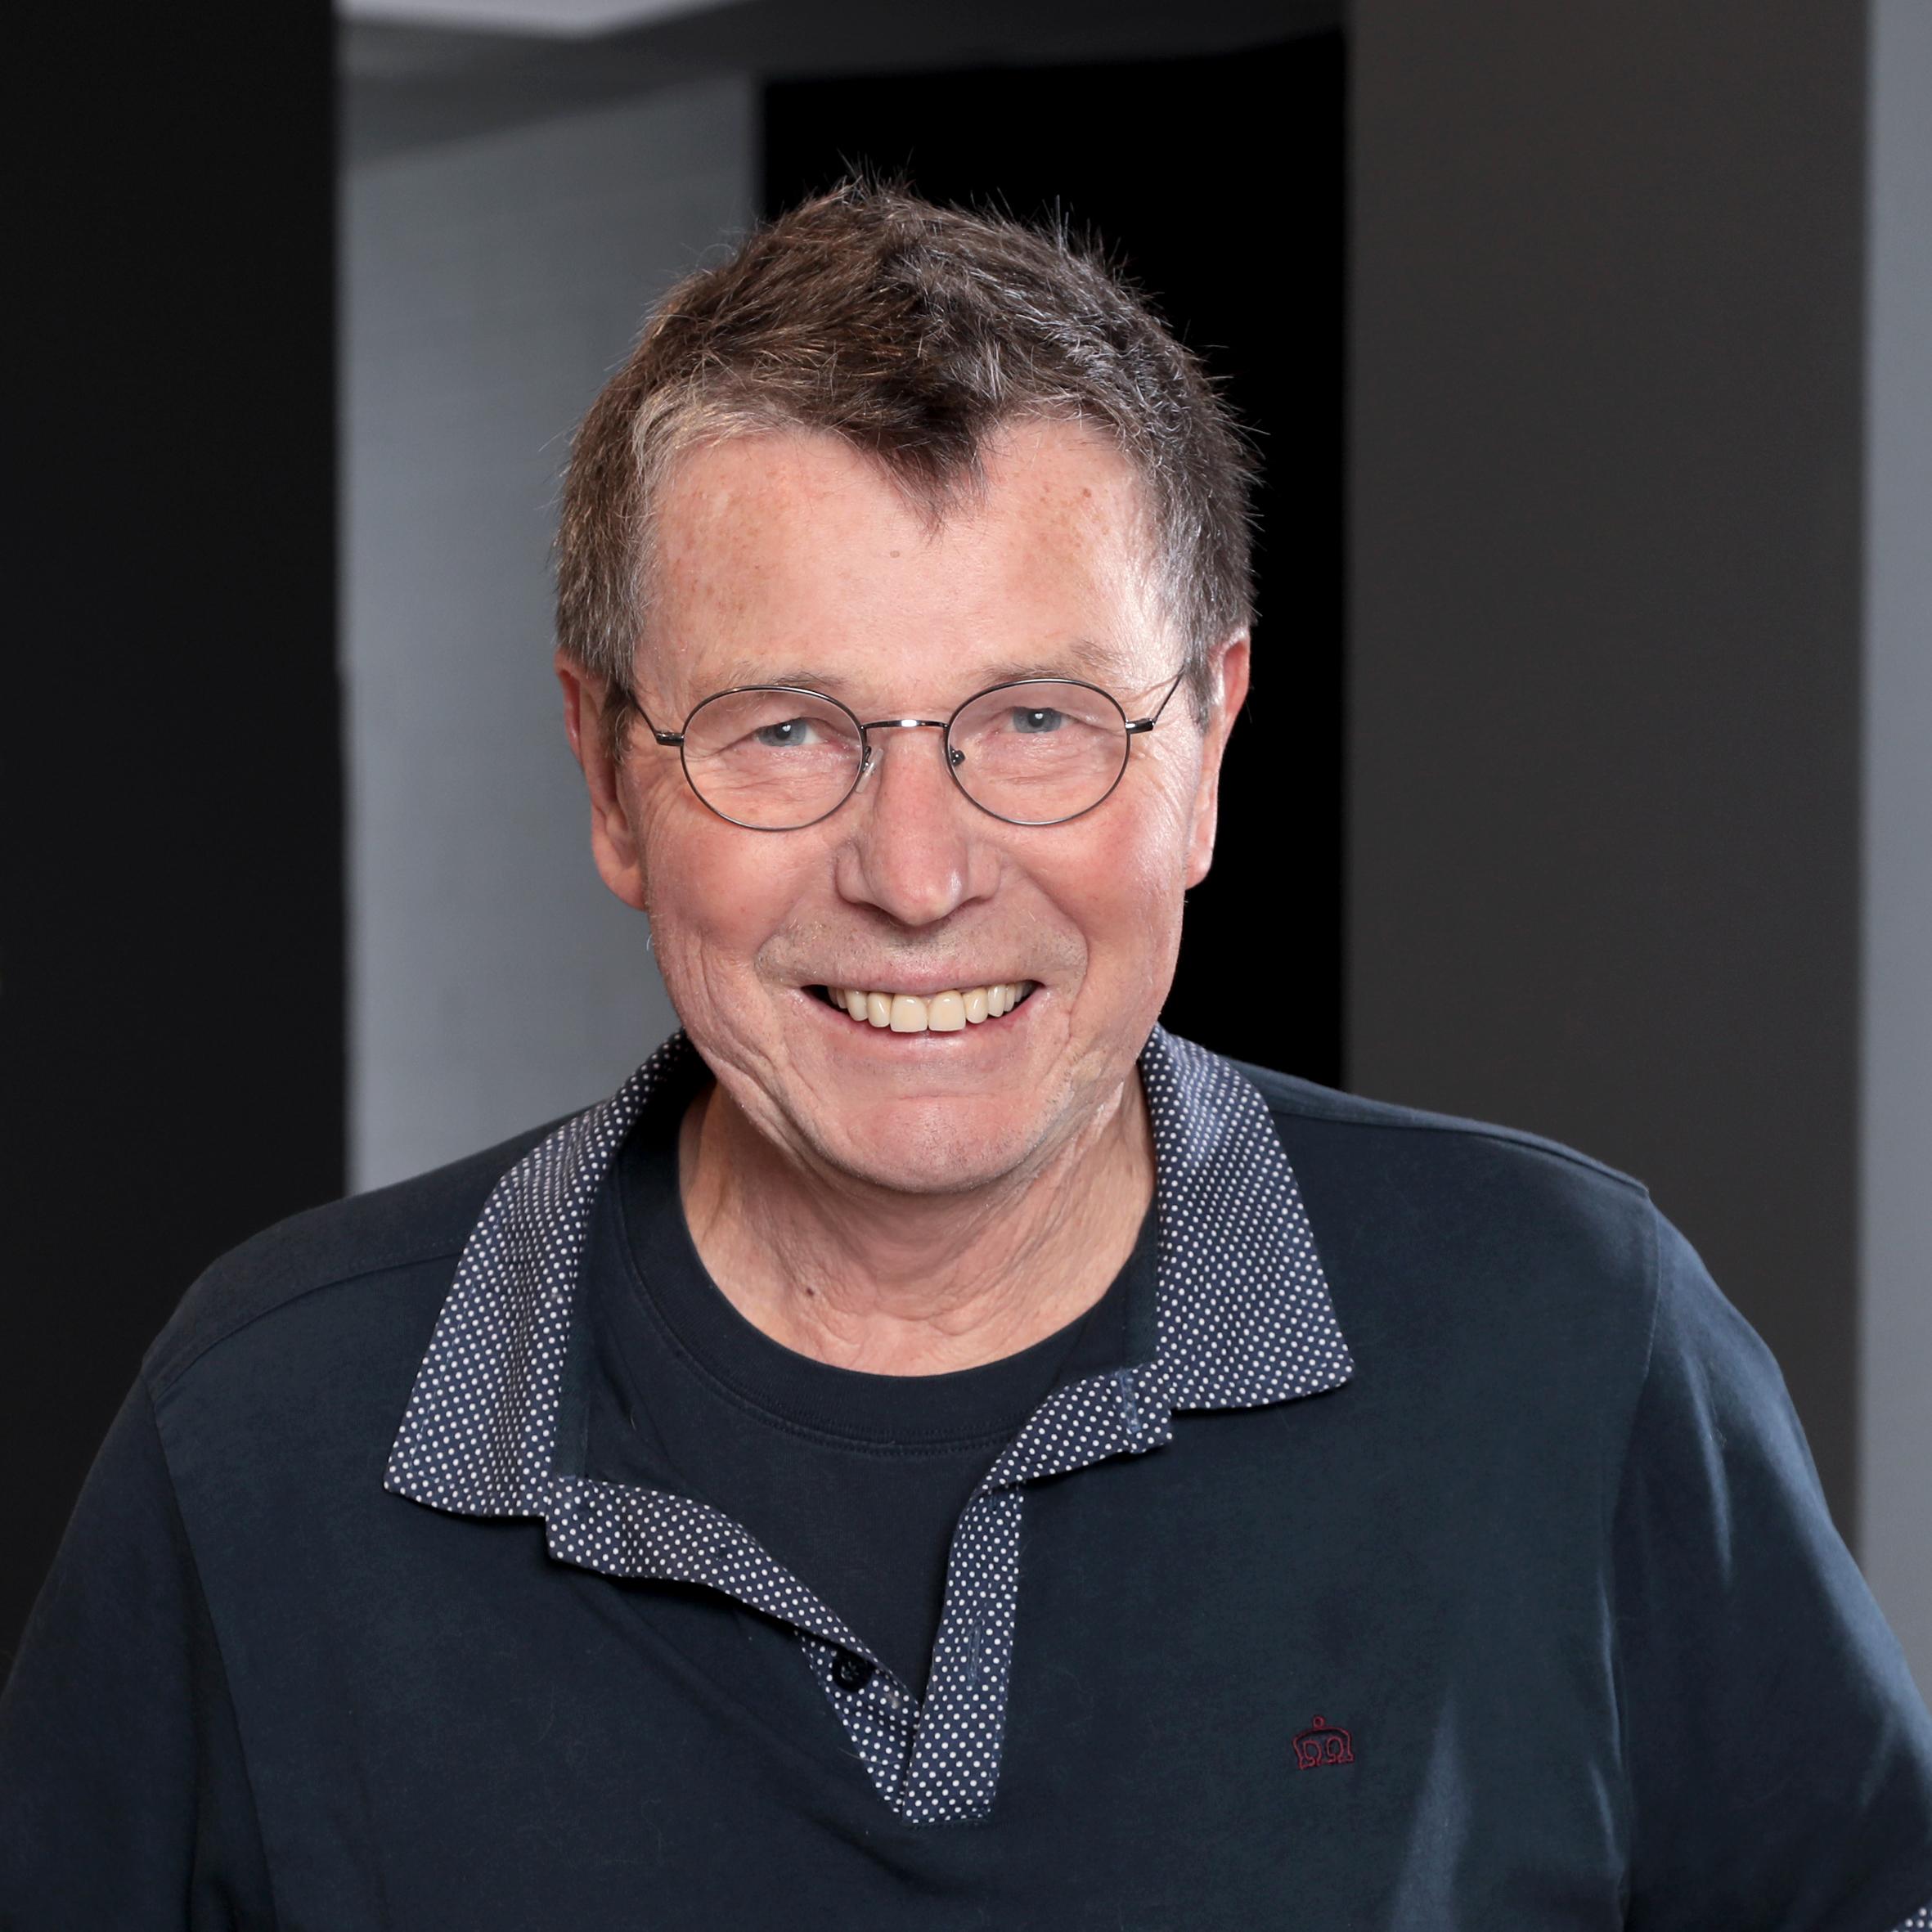 Lothar Gorze